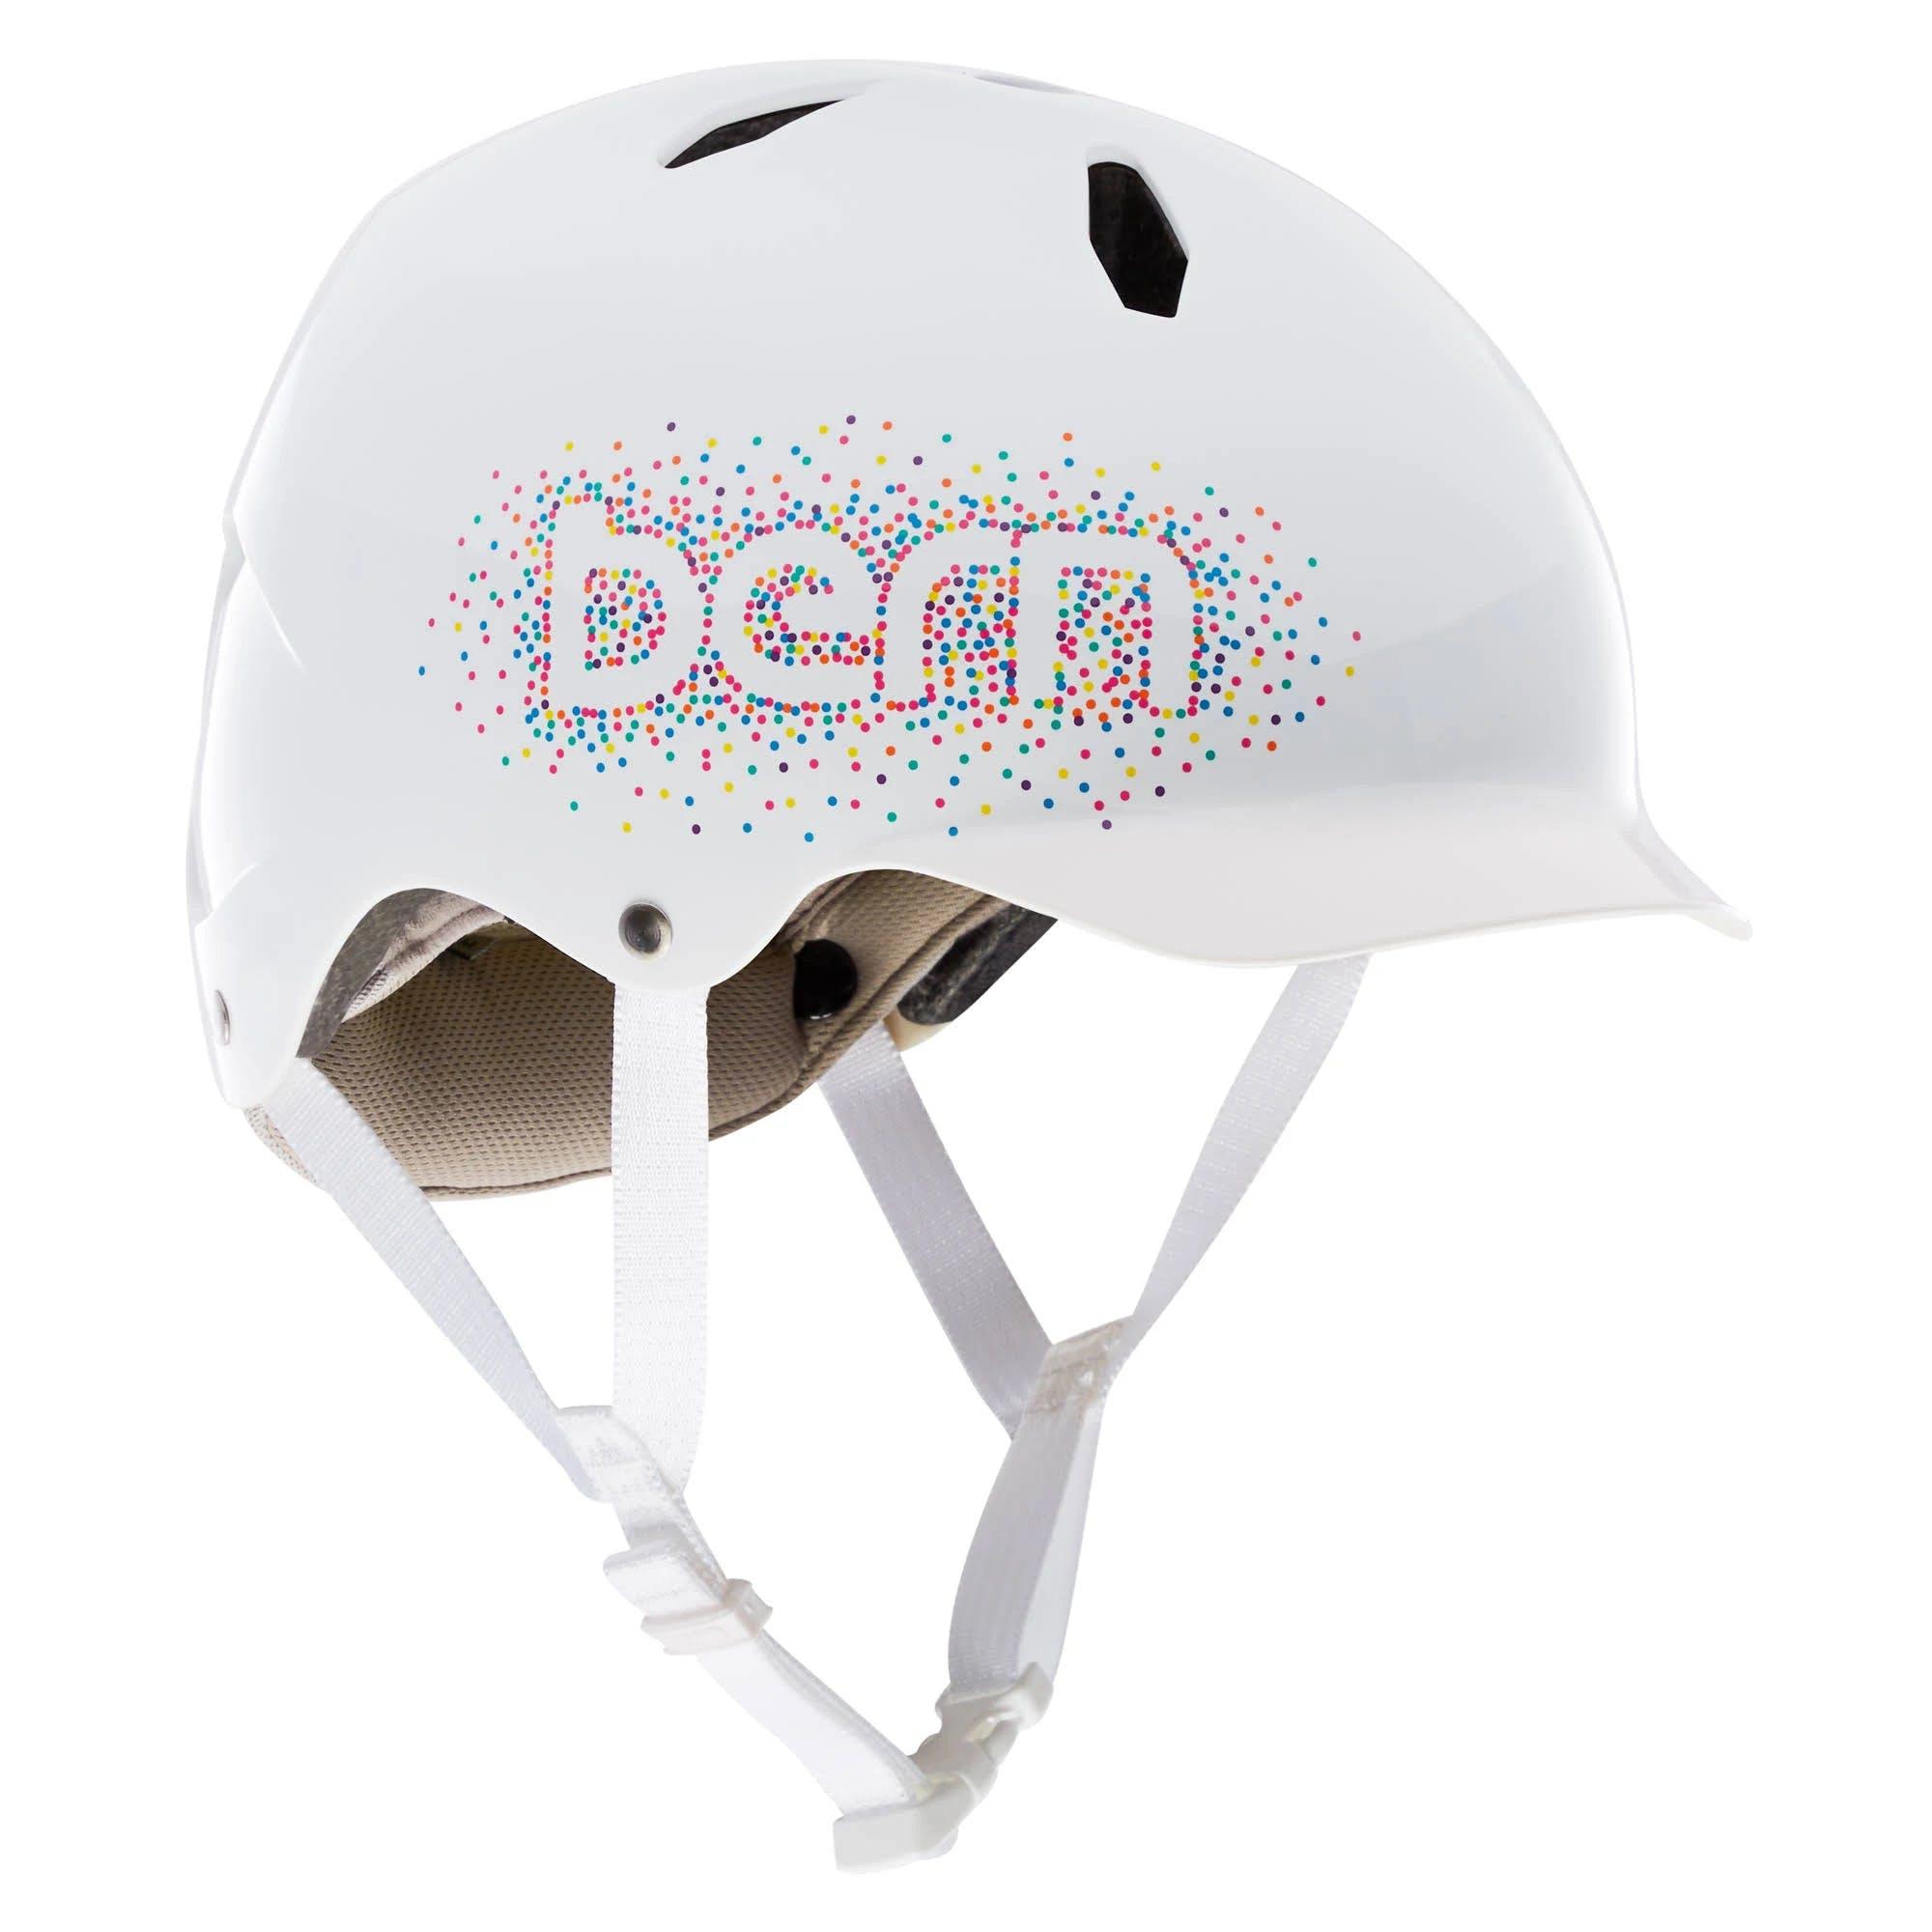 Bern - Summer Bandito EPS Helmet, Gloss White Confetti, M/L